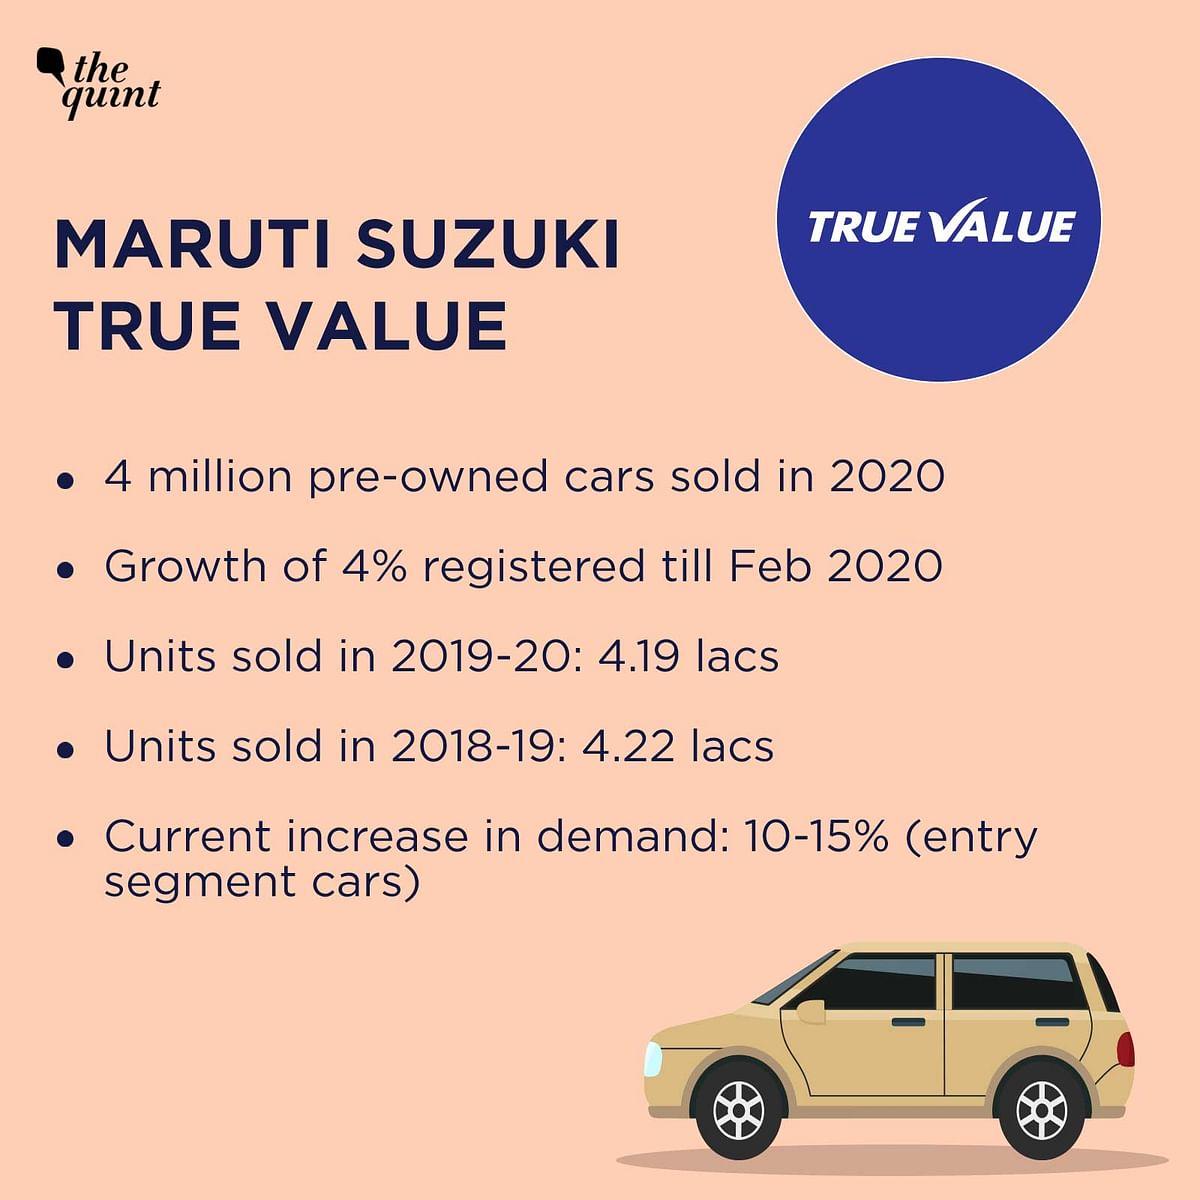 Maruti Suzuki True Value sold 4.19 lacs units in 2020.